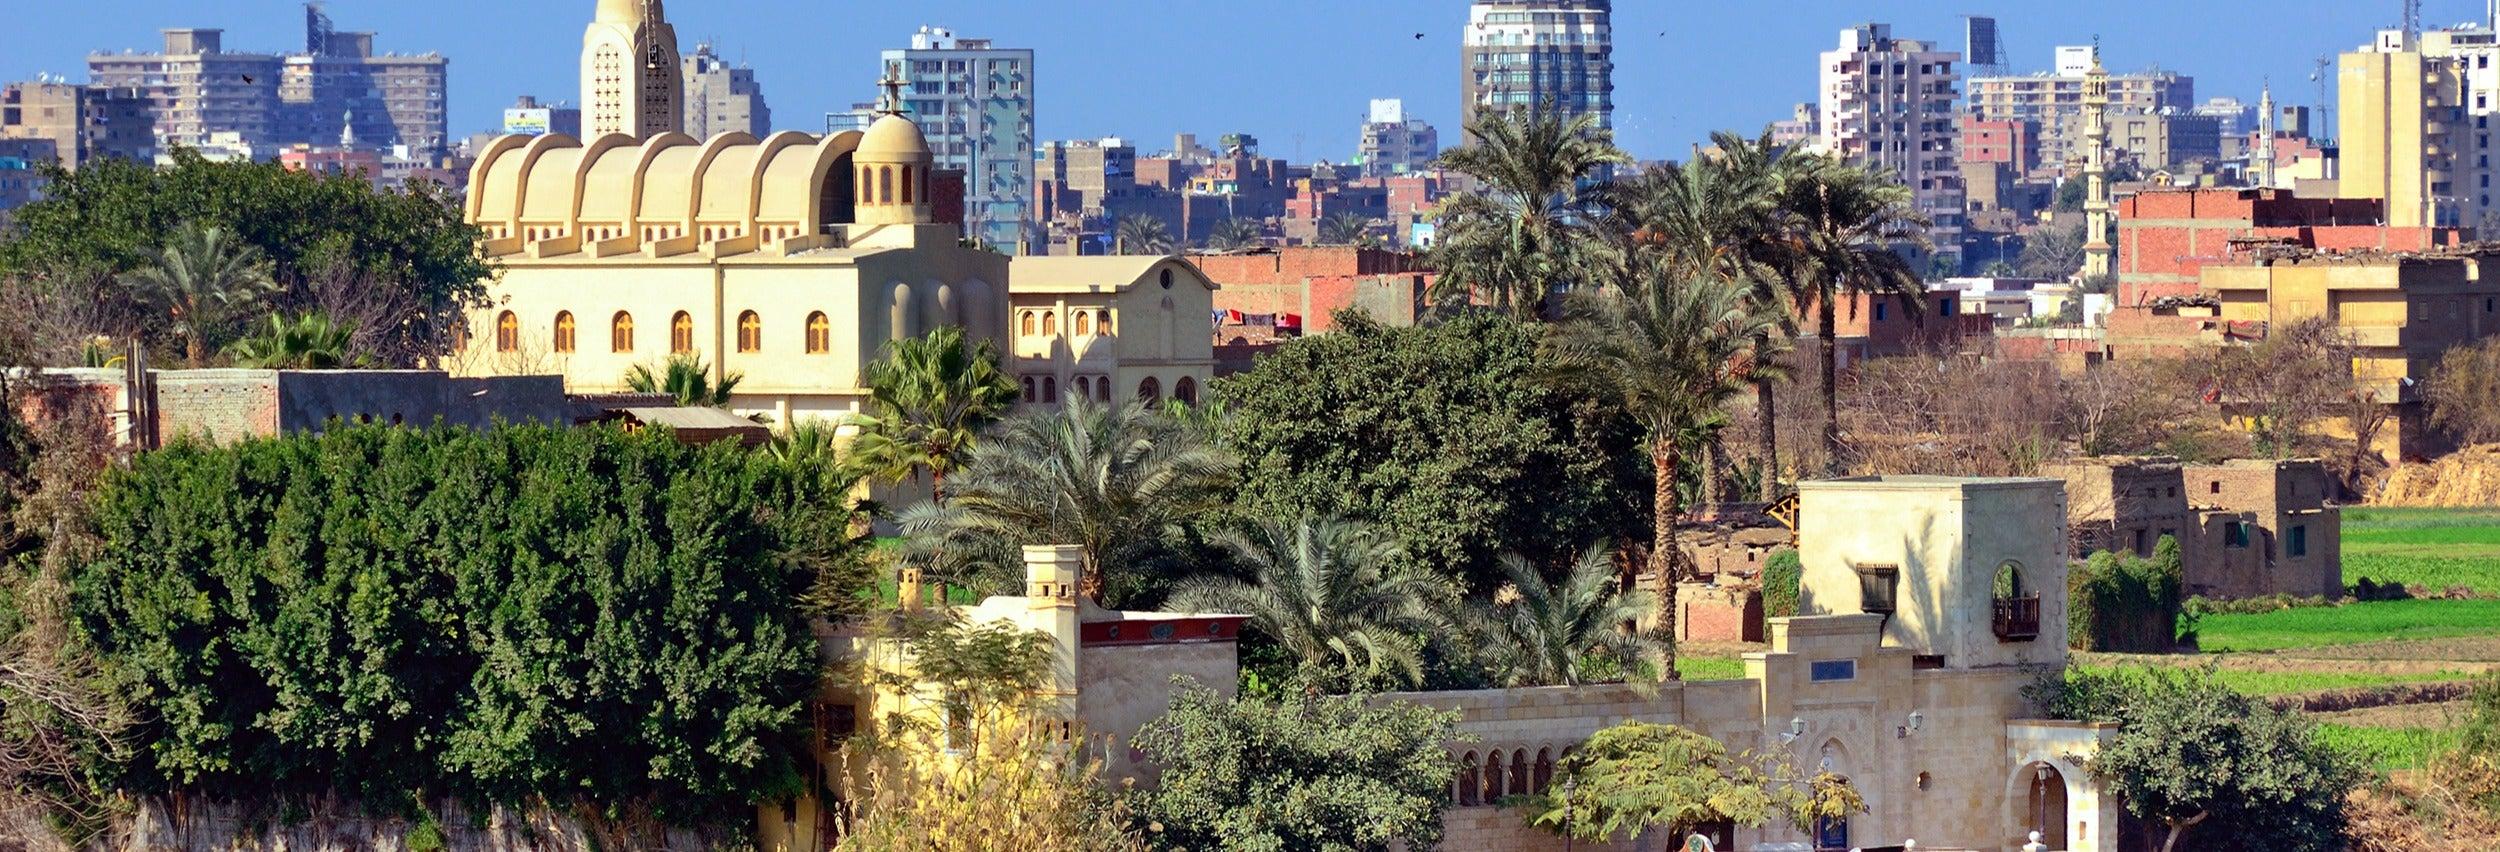 Visita guiada por el barrio copto